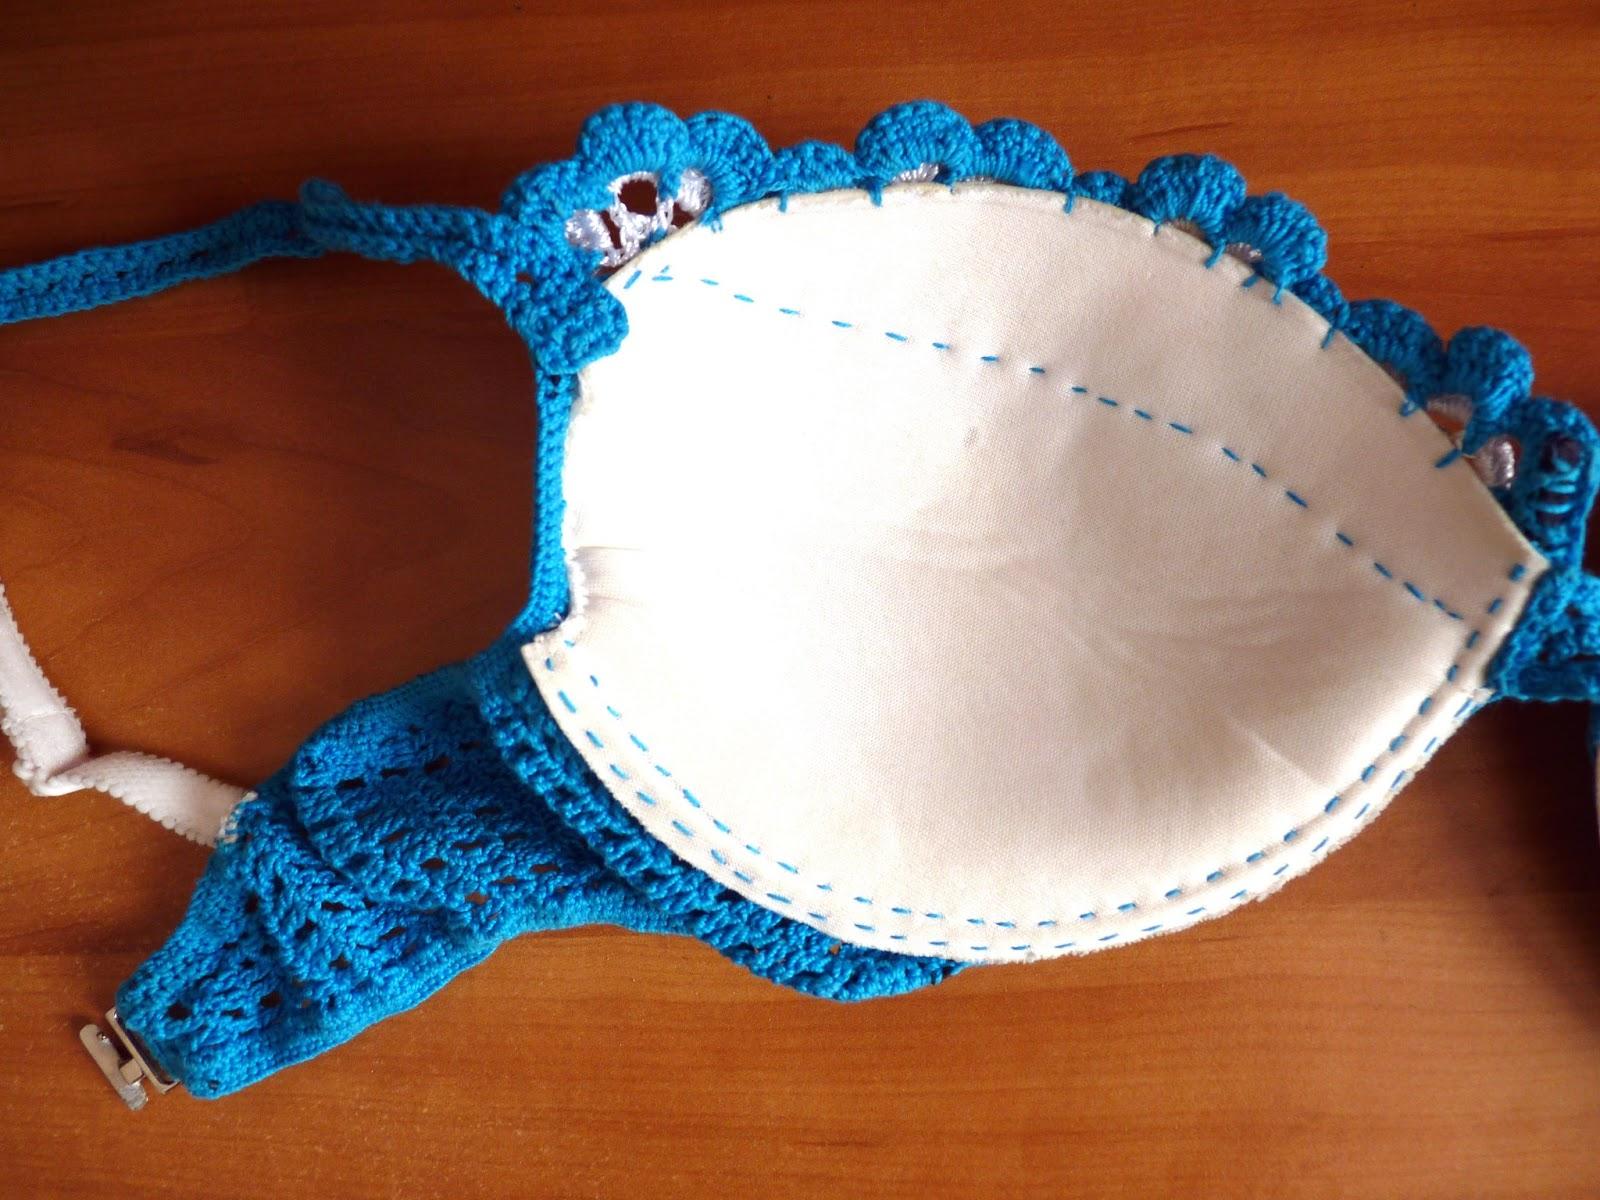 """Set De Baño Tejido En Crochet Paso A Paso: otro modelo en"""" Biquini a crochet paso a paso """"en la guia del bloger"""